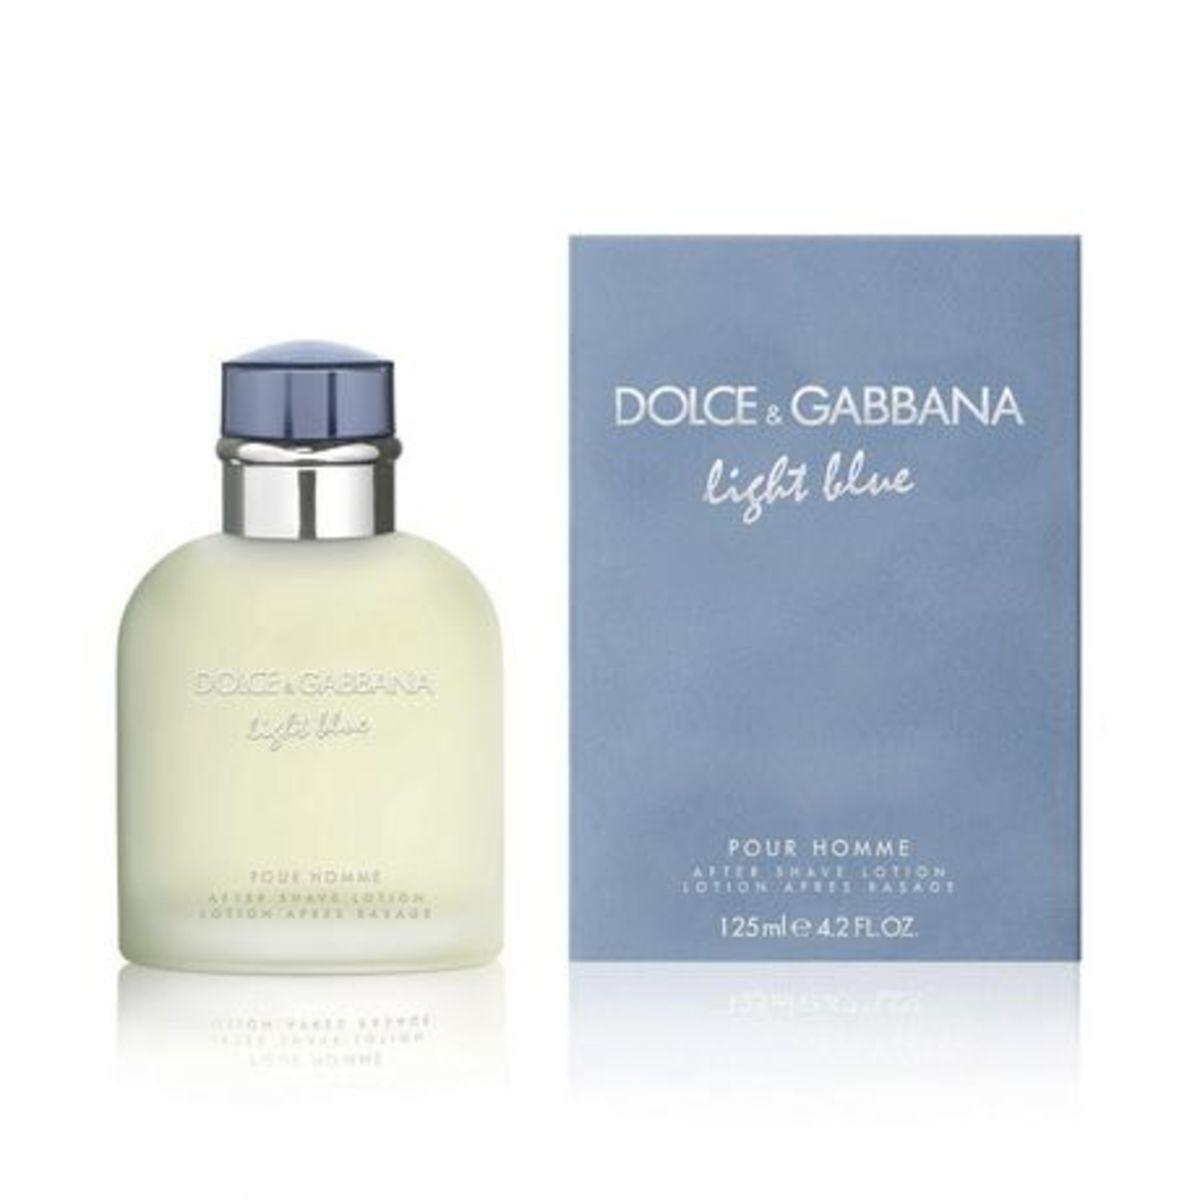 Light Blue Pour Homme EDT 125ml [Parallel Import]